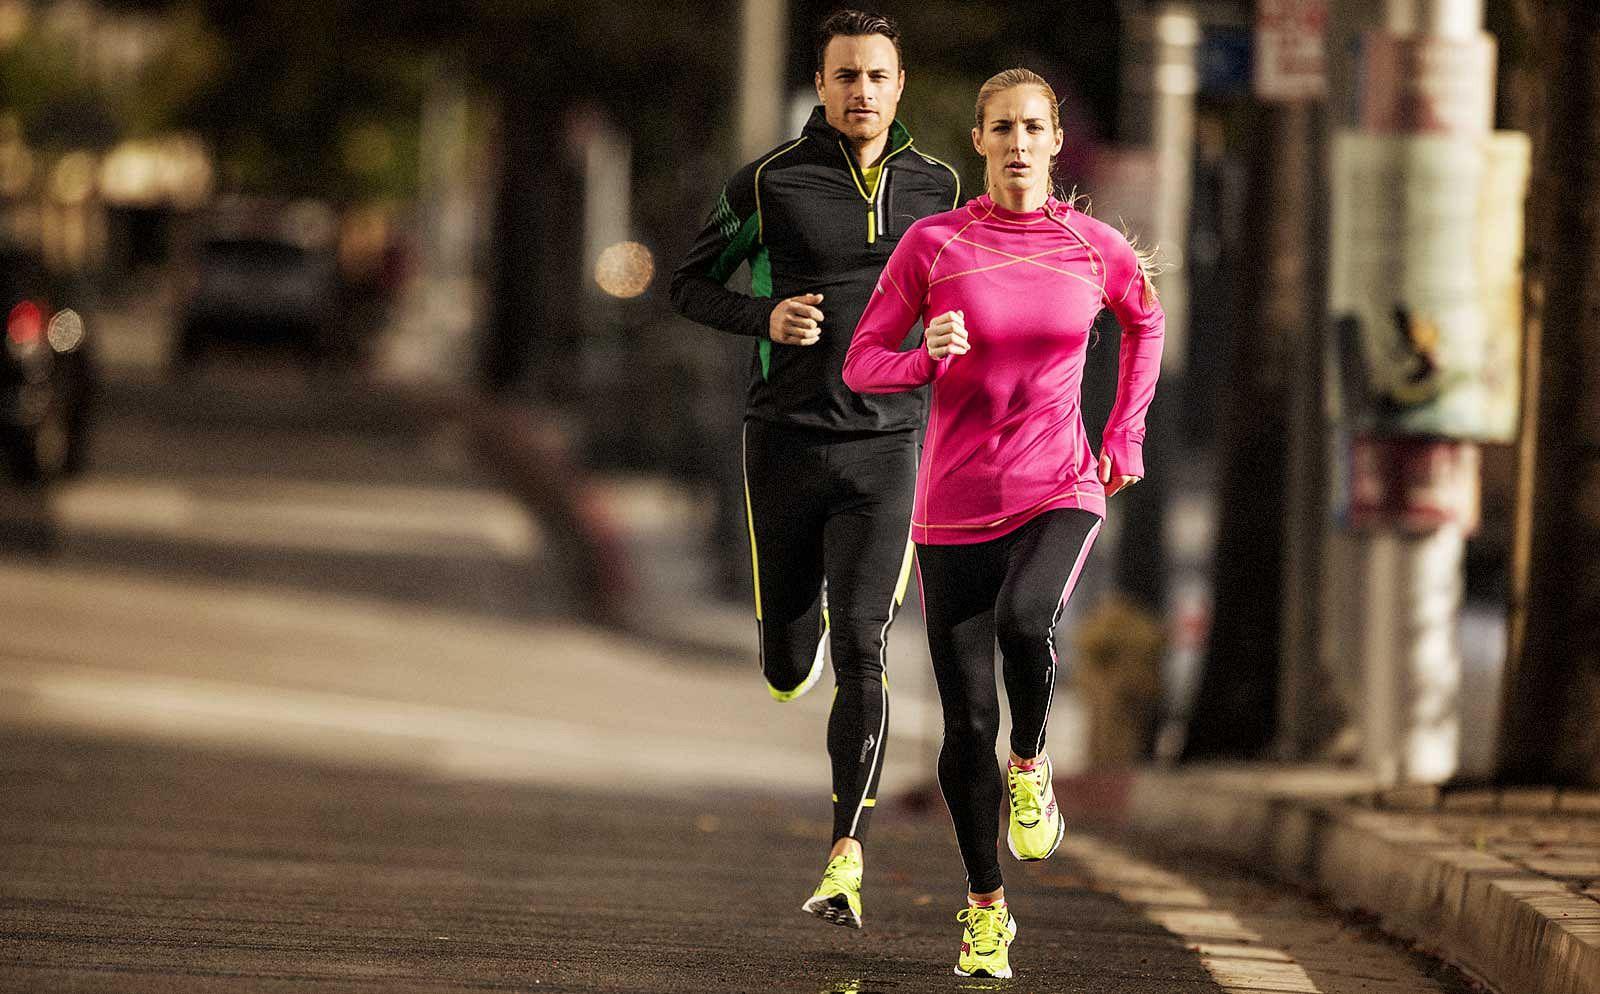 Jogging in Sauconys